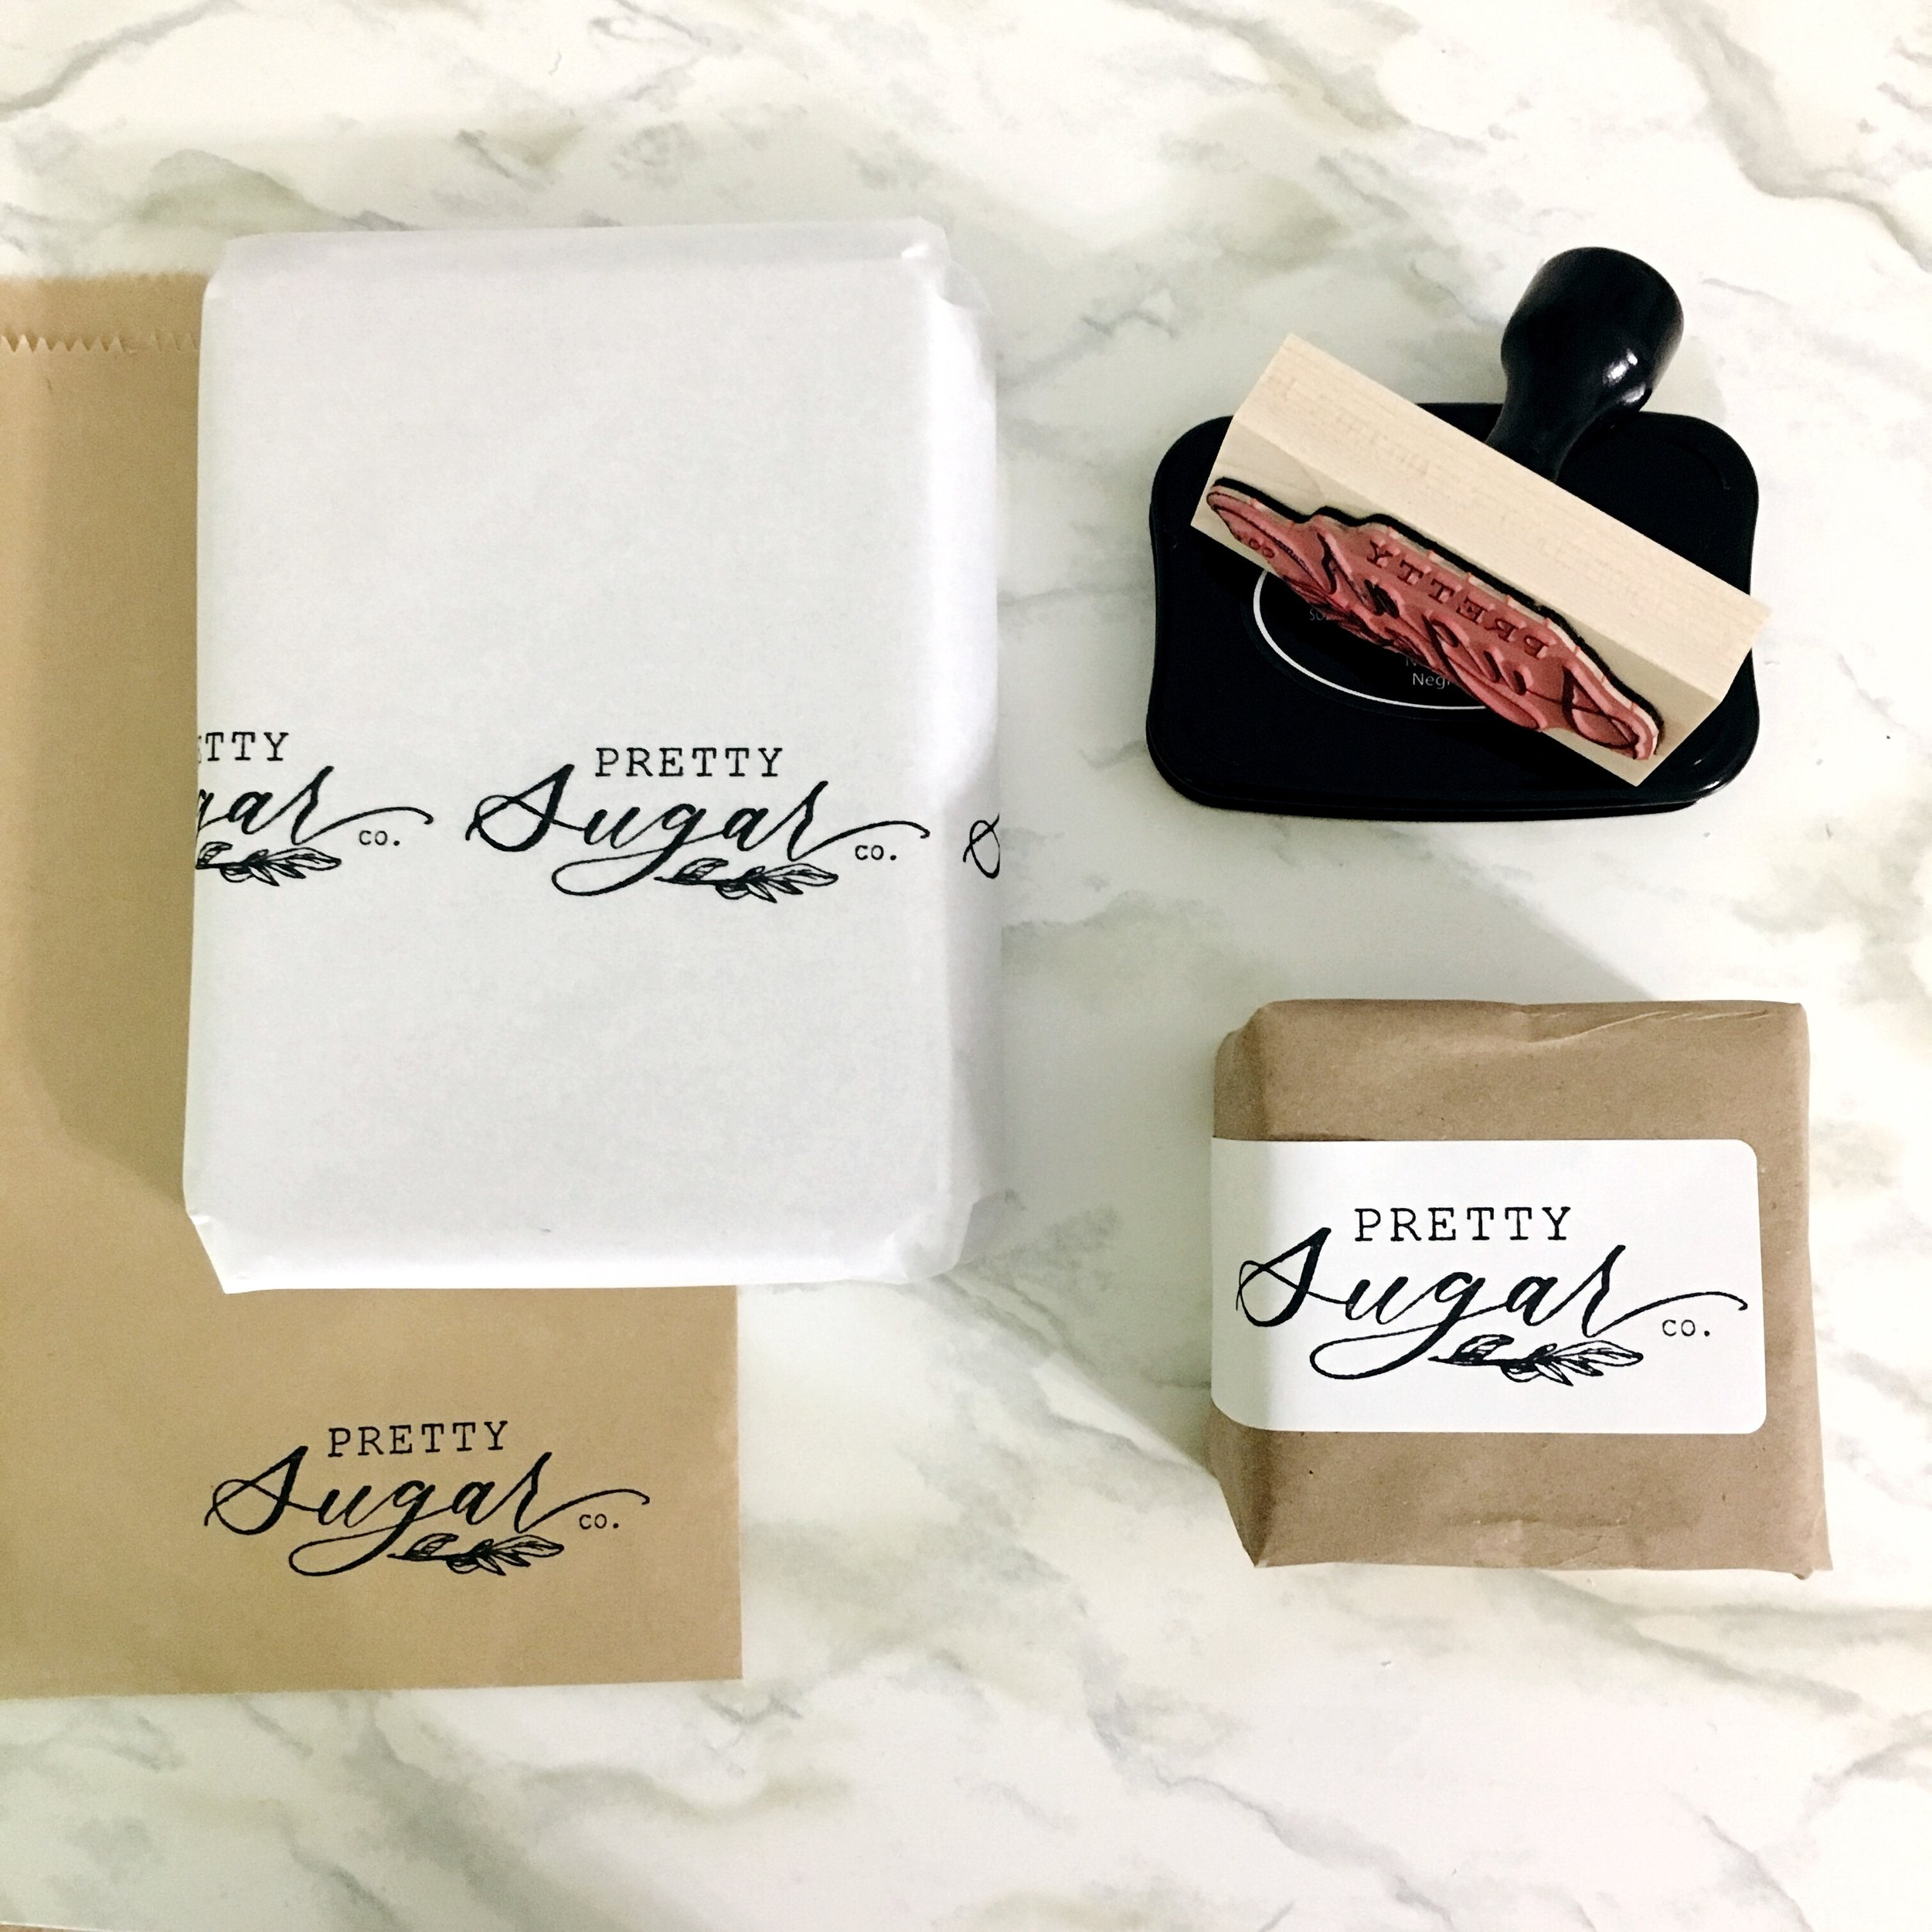 Creatiate Stamps Packaging Ideas - The Creatiate DIY Blog _0483.jpg